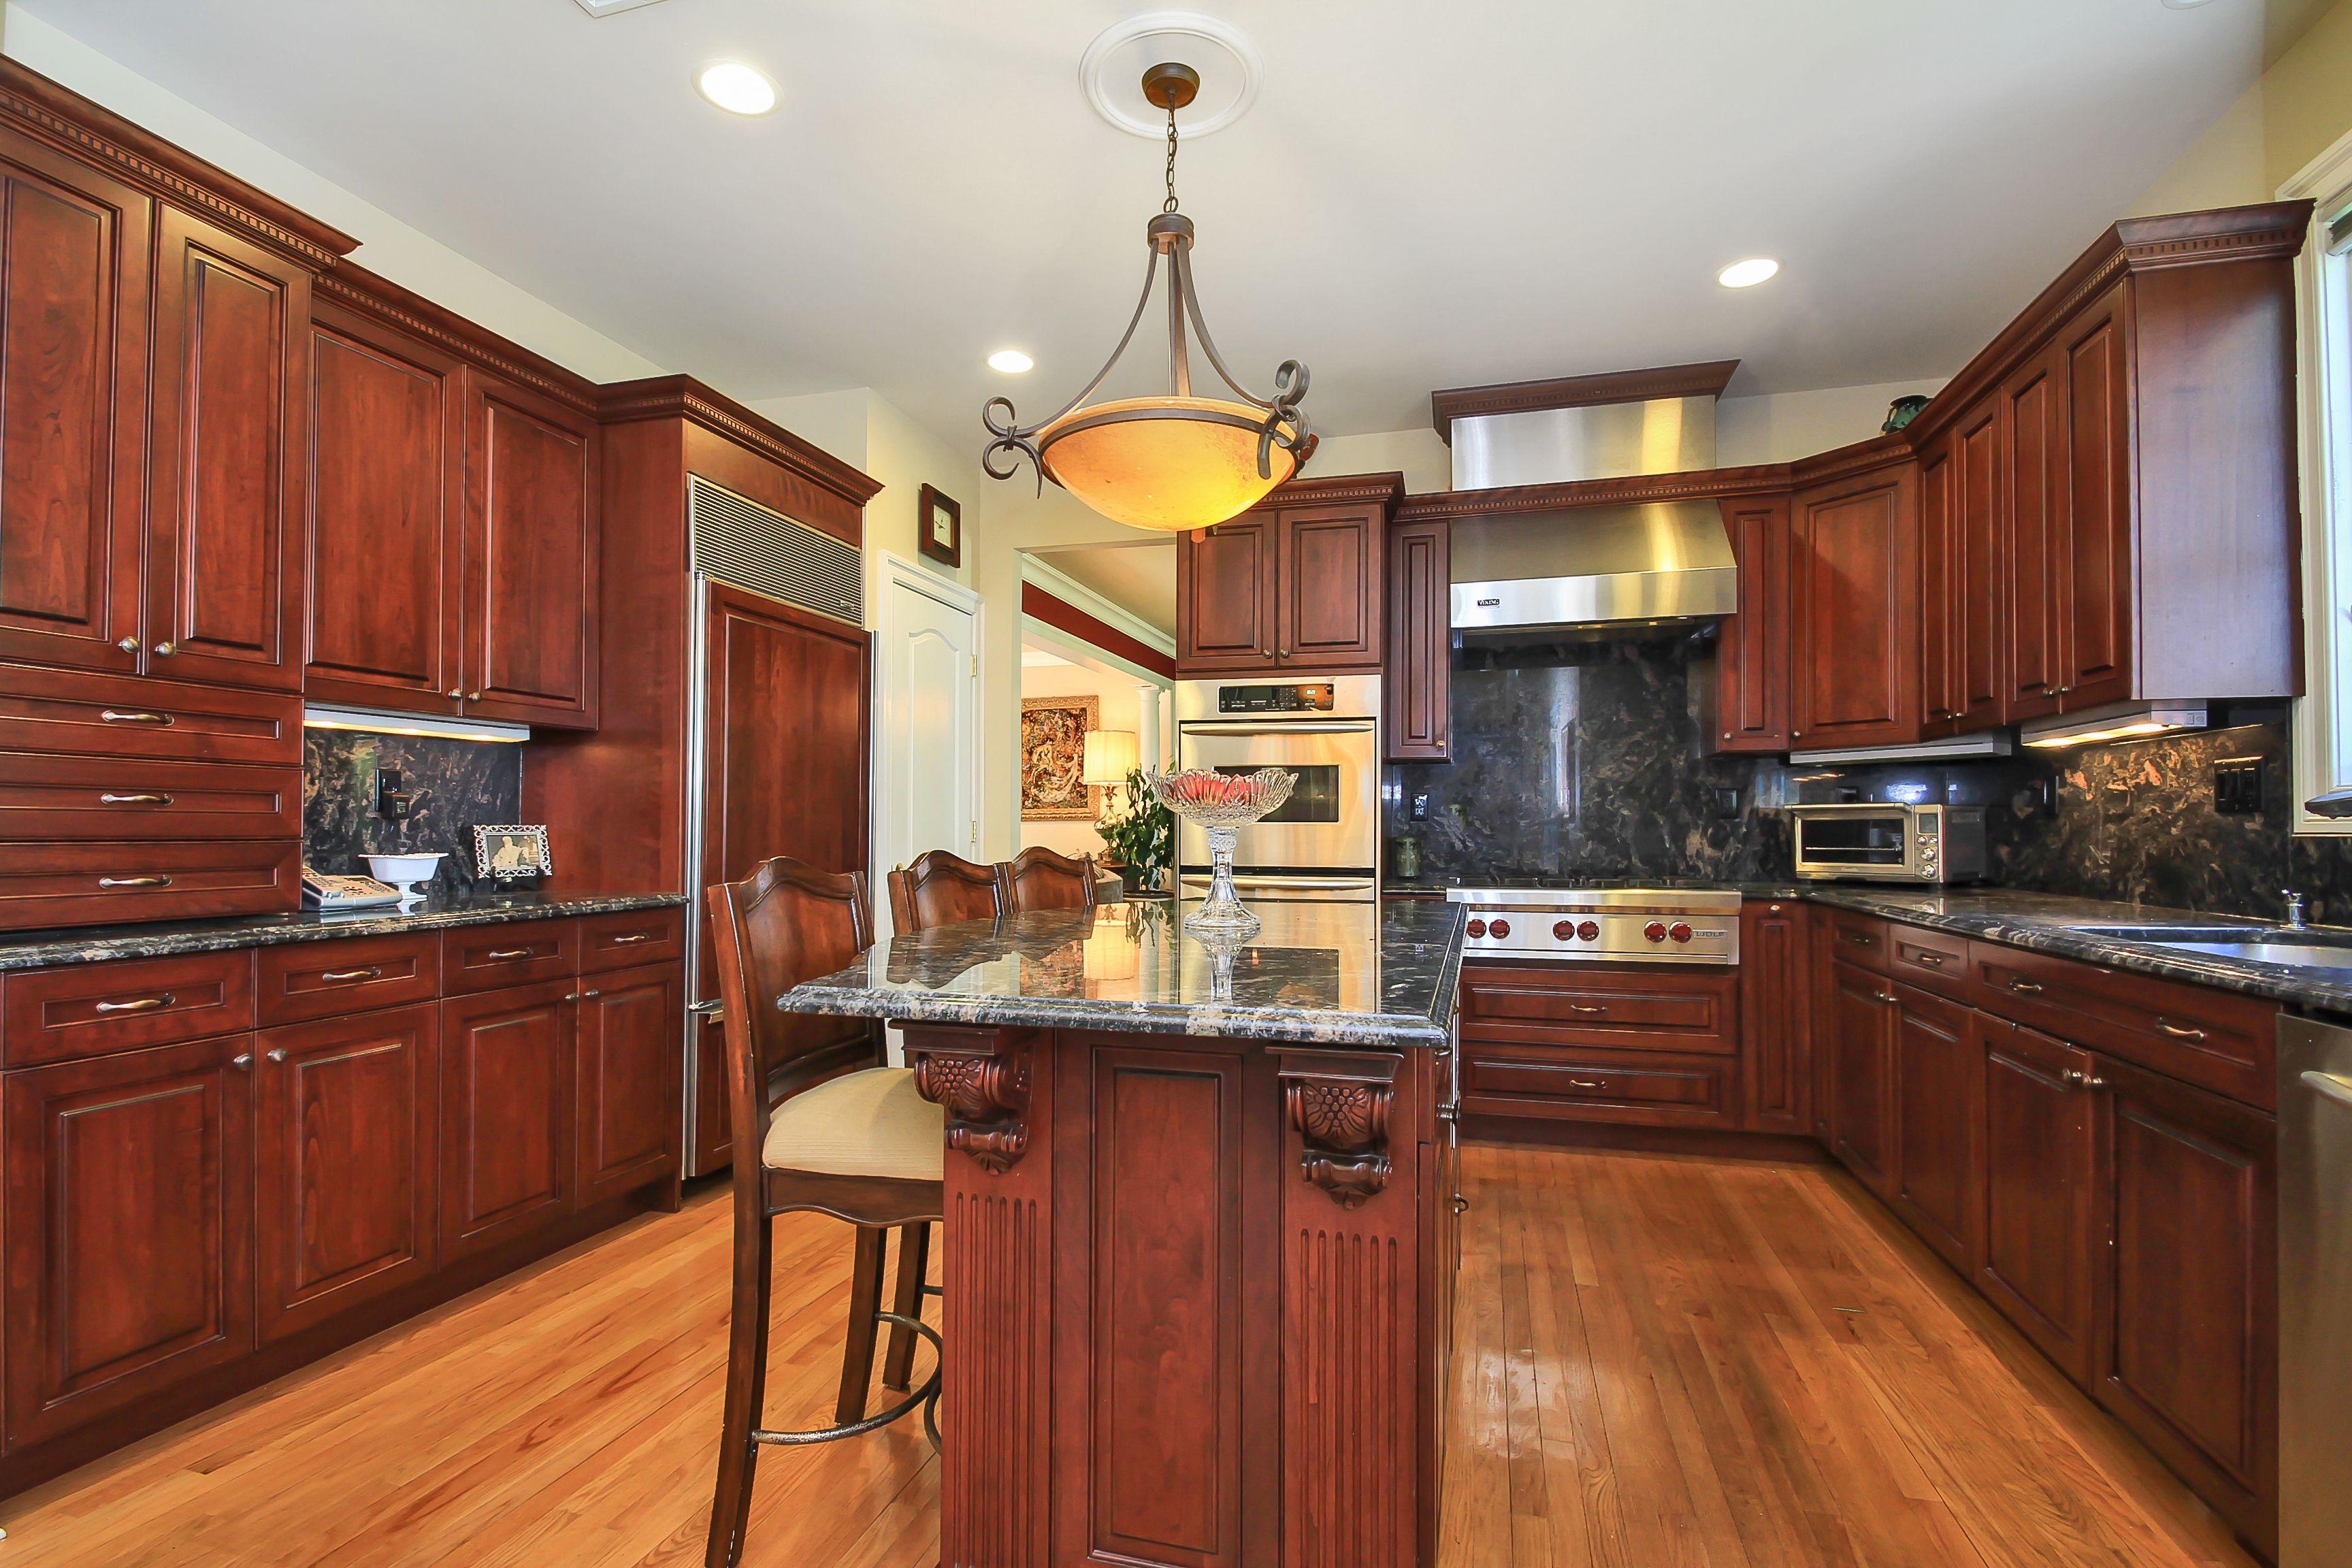 Ungewöhnlich Küchendesign Denver Nc Bilder - Küchenschrank Ideen ...